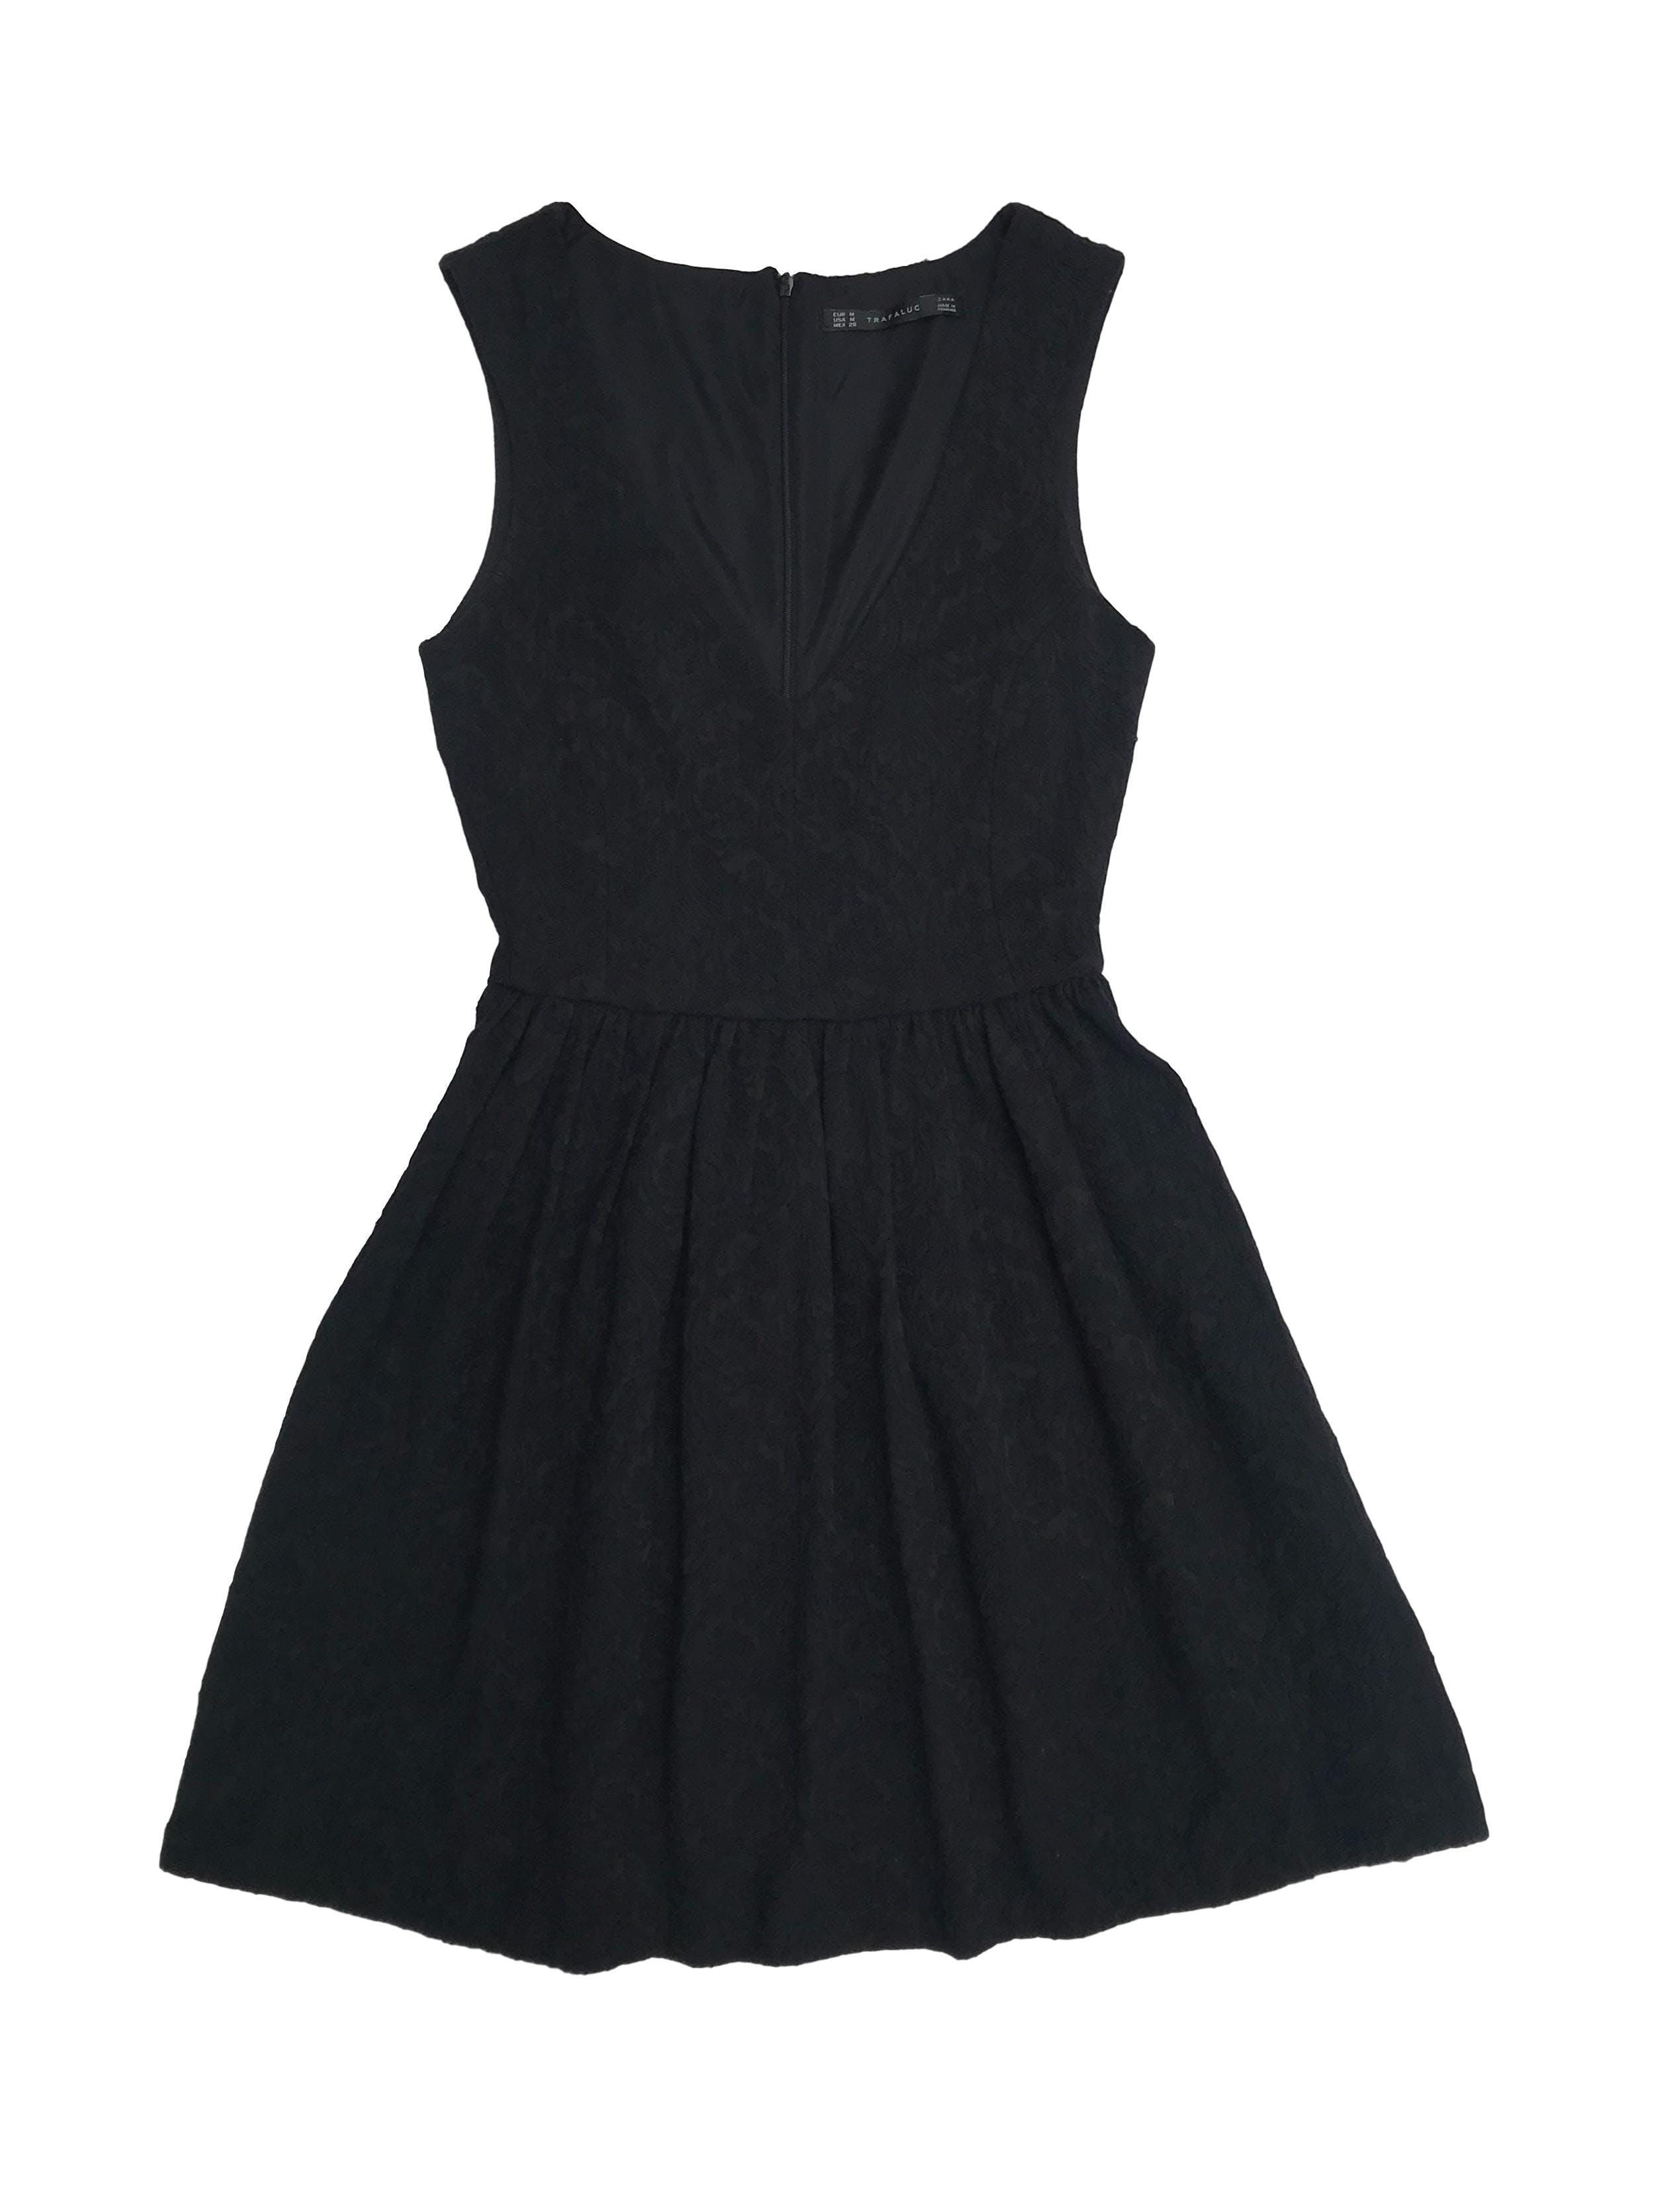 Vestido Zara negro con textura barroca, escote delantero y cierre en la espalda, arma lindo. Largo 83cm